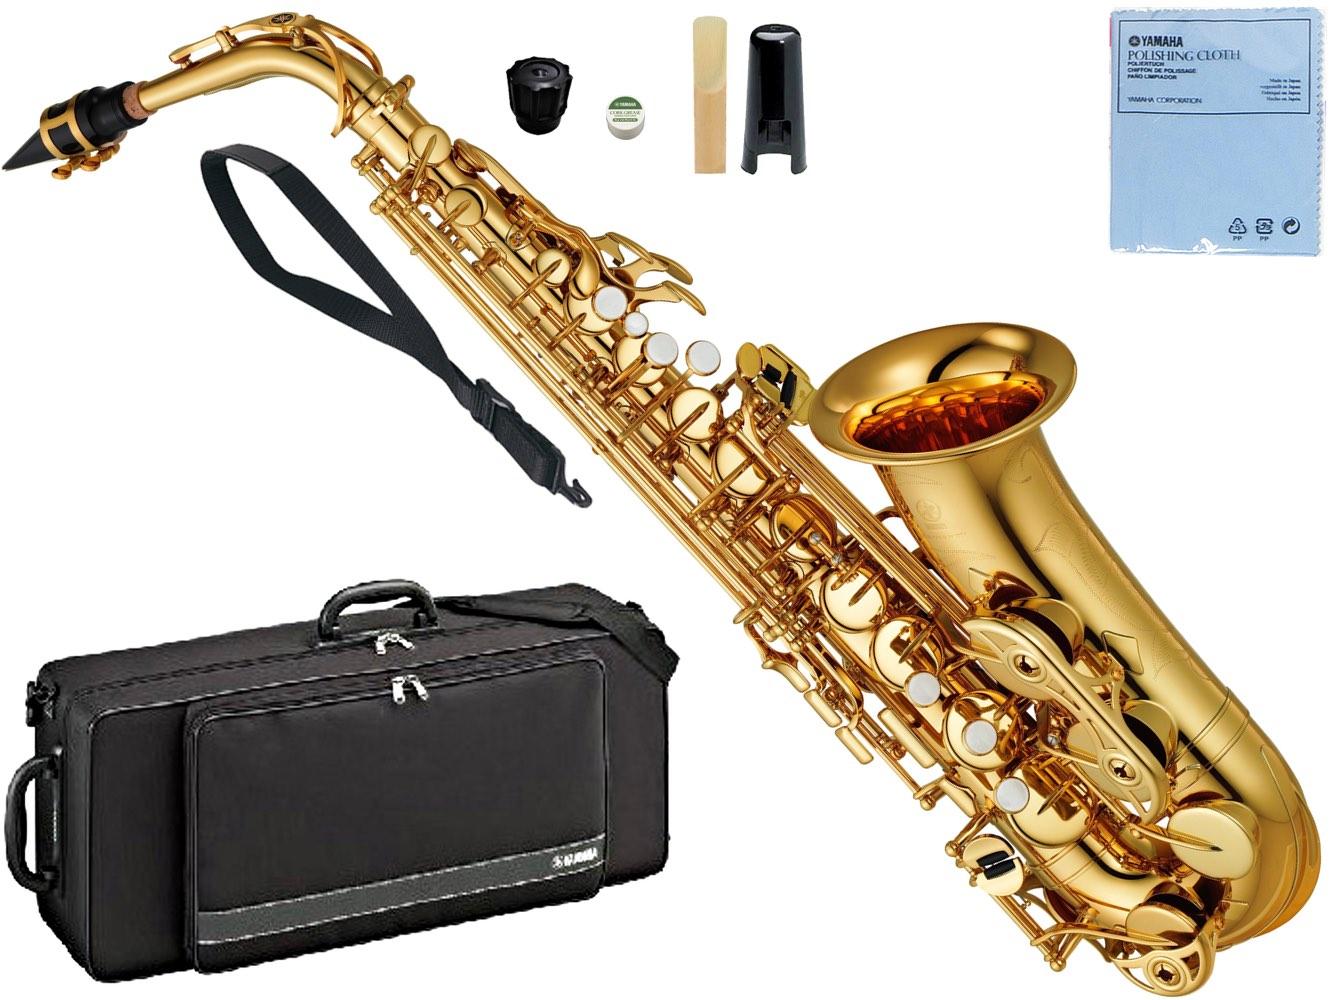 オプションネック対応 楽器 ケース マウスピース AS-4C YAMAHA ヤマハ 箱ボロ YAS-480 アルトサックス 新品 沖縄 離島不可 ギフト gold [正規販売店] 北海道 管楽器 YAS-480-01 アルトサクソフォン saxophone alto 本体